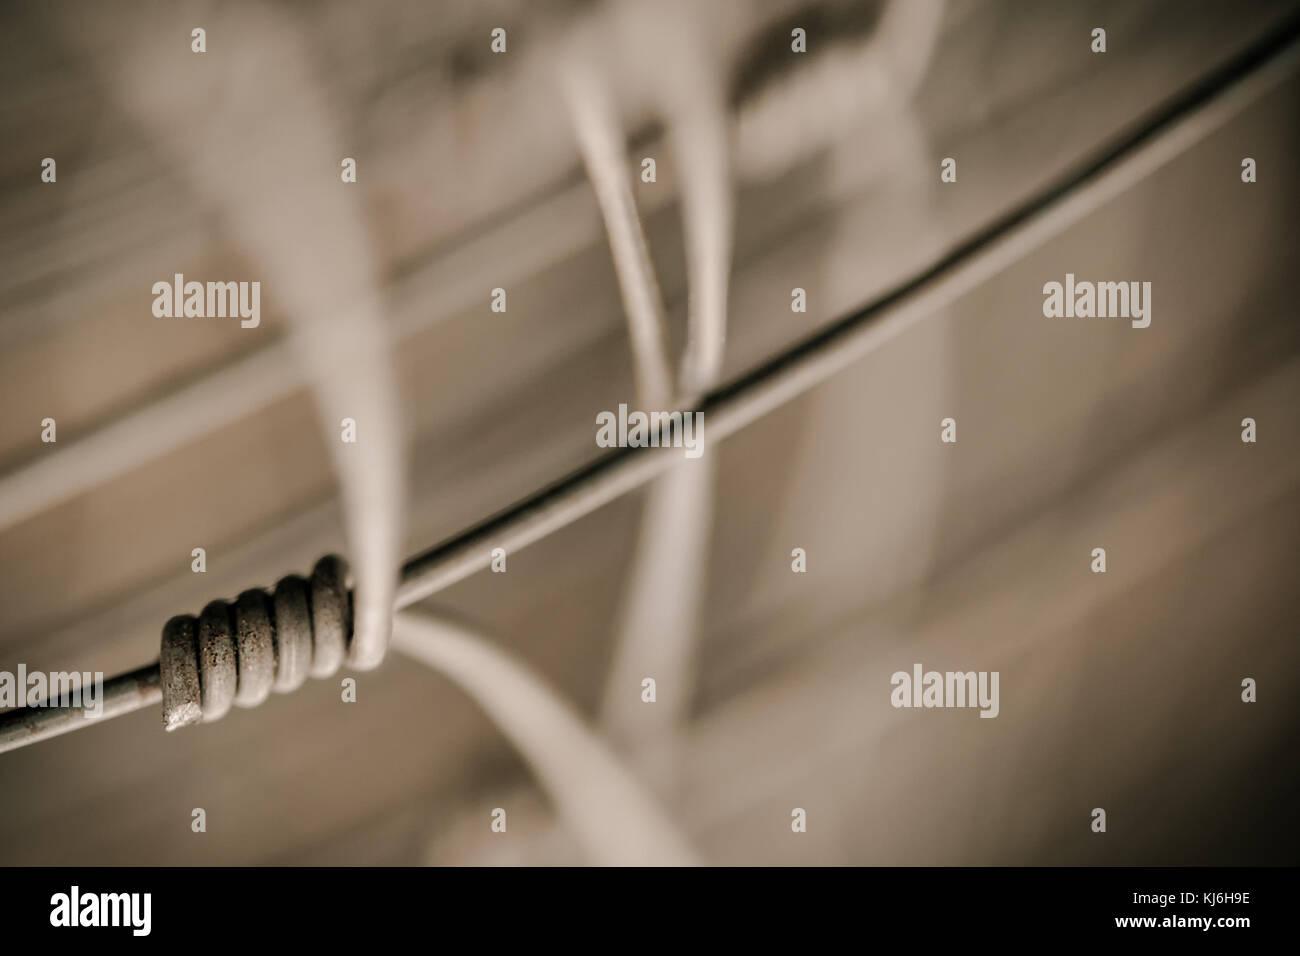 Detail der Zaun als Symbol der Verbindung. Grenze aus Drahtgeflecht auf unscharfen Abstrakt Hintergrund. Stockbild